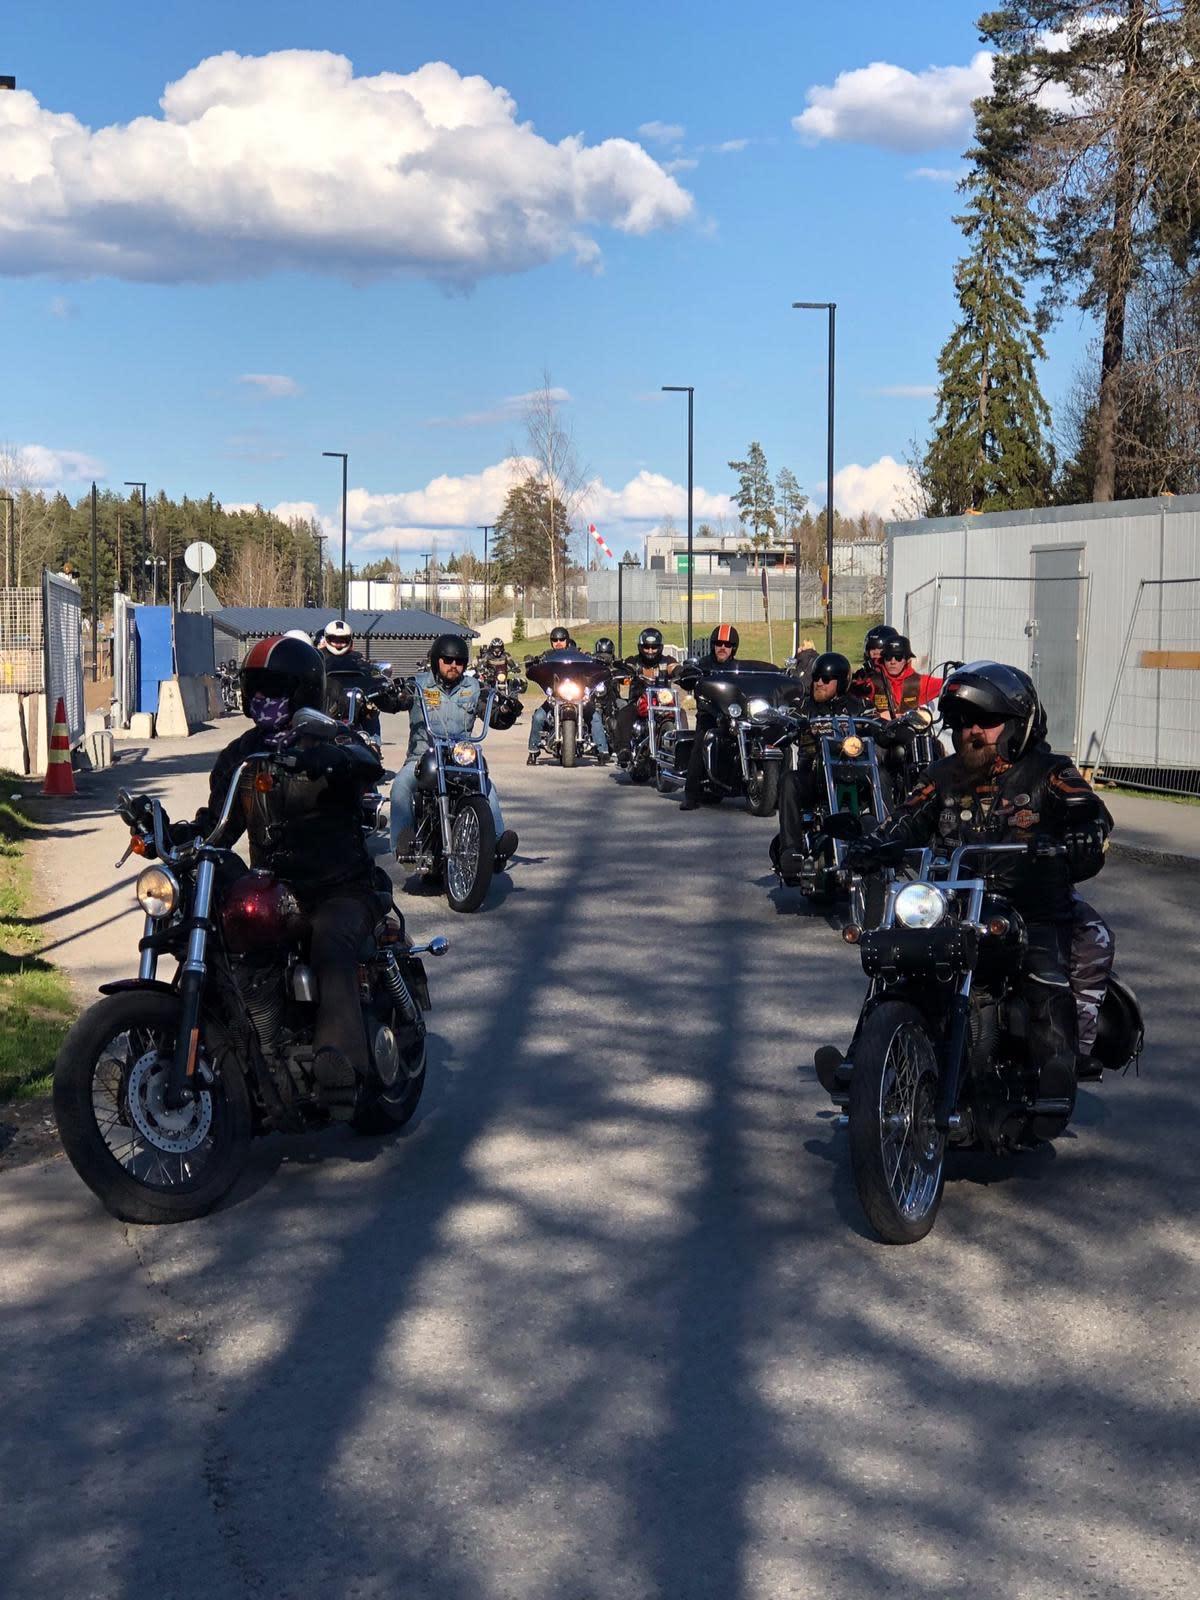 Harley-Davidson-harrastajat tekevät kunniakierroksen Tays Keskussairaalalla